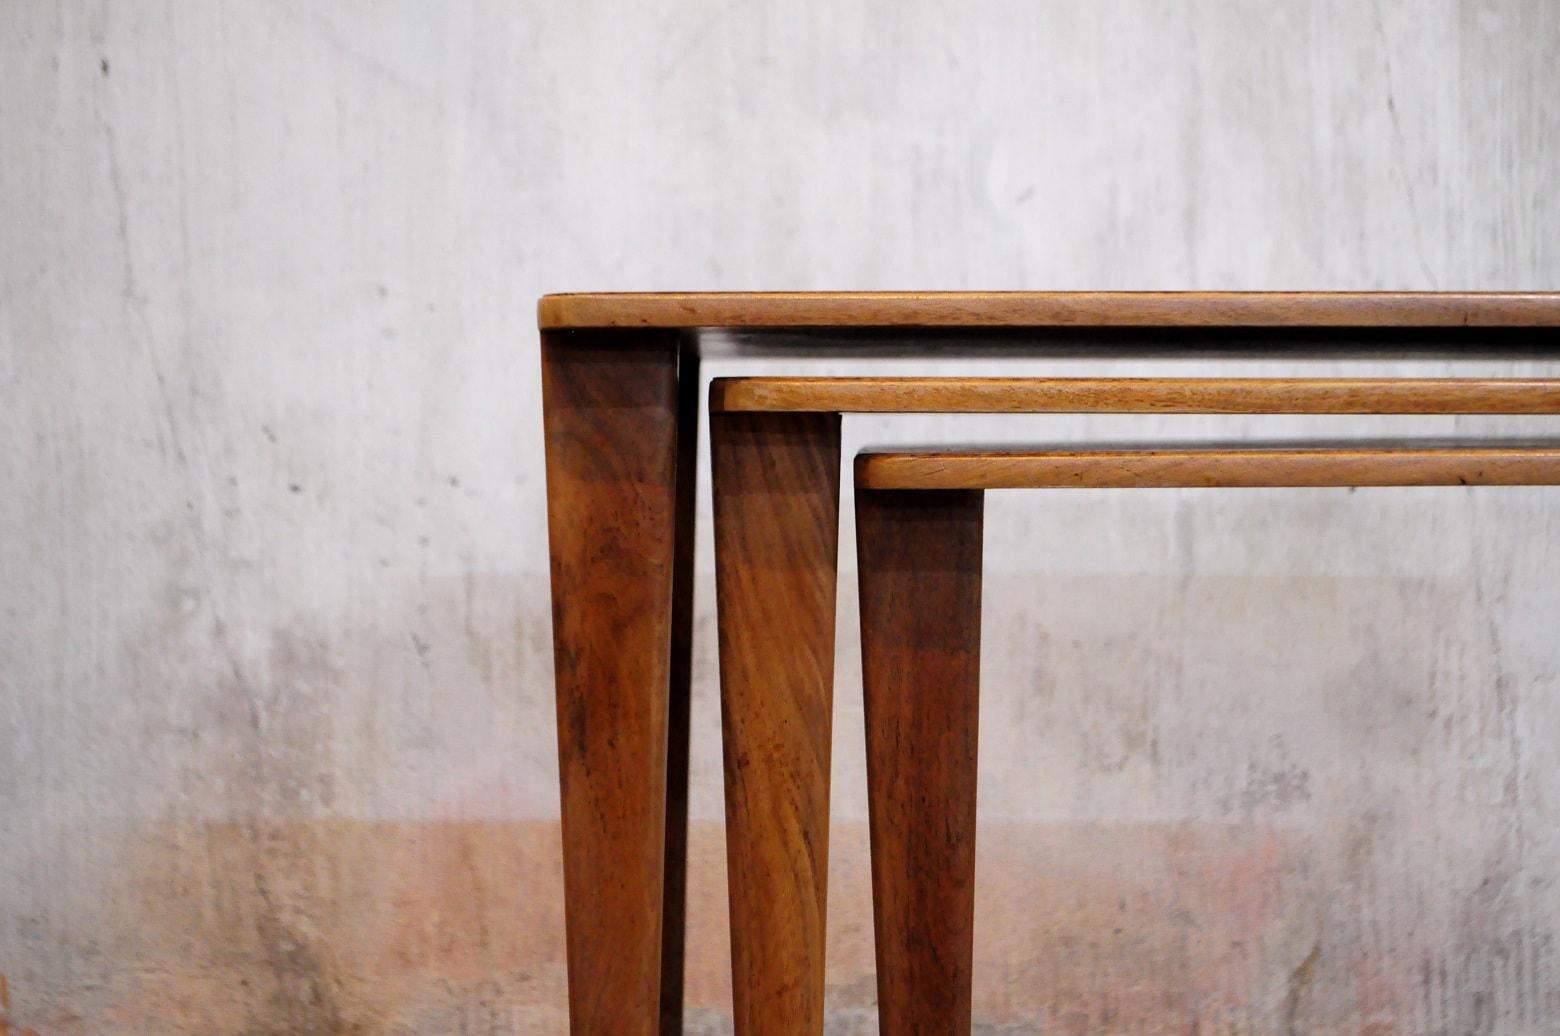 1940年代の英国にて、王室の工業デザイナーに選ばれるなど名声を残した家具デザイナーの一人、 「ゴードン・ラッセル」デザインのヴィンテージネストテーブルが入荷致しました。 しっかりとした構造とミッドセンチュリー期のモダンでシャープなデザインが際立った こちらのお品物は、オーク材が使用されておりチーク材とは違うエイジングで シャビーシックやフレンチシャビーインテリアなどに合わせて頂いても 存分に魅力を発揮してくれるかと思います。 イングランド、コッツウォルズの芸術と伝統工芸の中で育ち 培われたゴードンラッセルのデザインとクラフトマンの質の高い技術から生み出された シンプルながらも、製作者の家具に対する熱量がひしひし伝わってくるお品物です。 1950年代のものと思われ、現存する数も少ないかと思われますので お探しだった方は、是非この機会にいかがでしょうか。中古,東京都,杉並区,阿佐ヶ谷,北,アンティーク,ショップ,古一,店,古,一,出張,無料,買取,杉並区,周辺,世田谷区,目黒区,武蔵野市,新宿区,東京近郊,お見積もり,ビンテージ家具,インテリア雑貨,ランプ,USED品, リサイクル,ふるいち,フルイチ,古一,used,furuichi~【東京都杉並区阿佐ヶ谷北アンティークショップ 古一】 古一/ふるいちでは出張無料買取も行っております。杉並区周辺はもちろん、世田谷区・目黒区・武蔵野市・新宿区等の東京近郊のお見積もりも!ビンテージ家具・インテリア雑貨・ランプ・USED品・ リサイクルなら古一/フルイチへ~